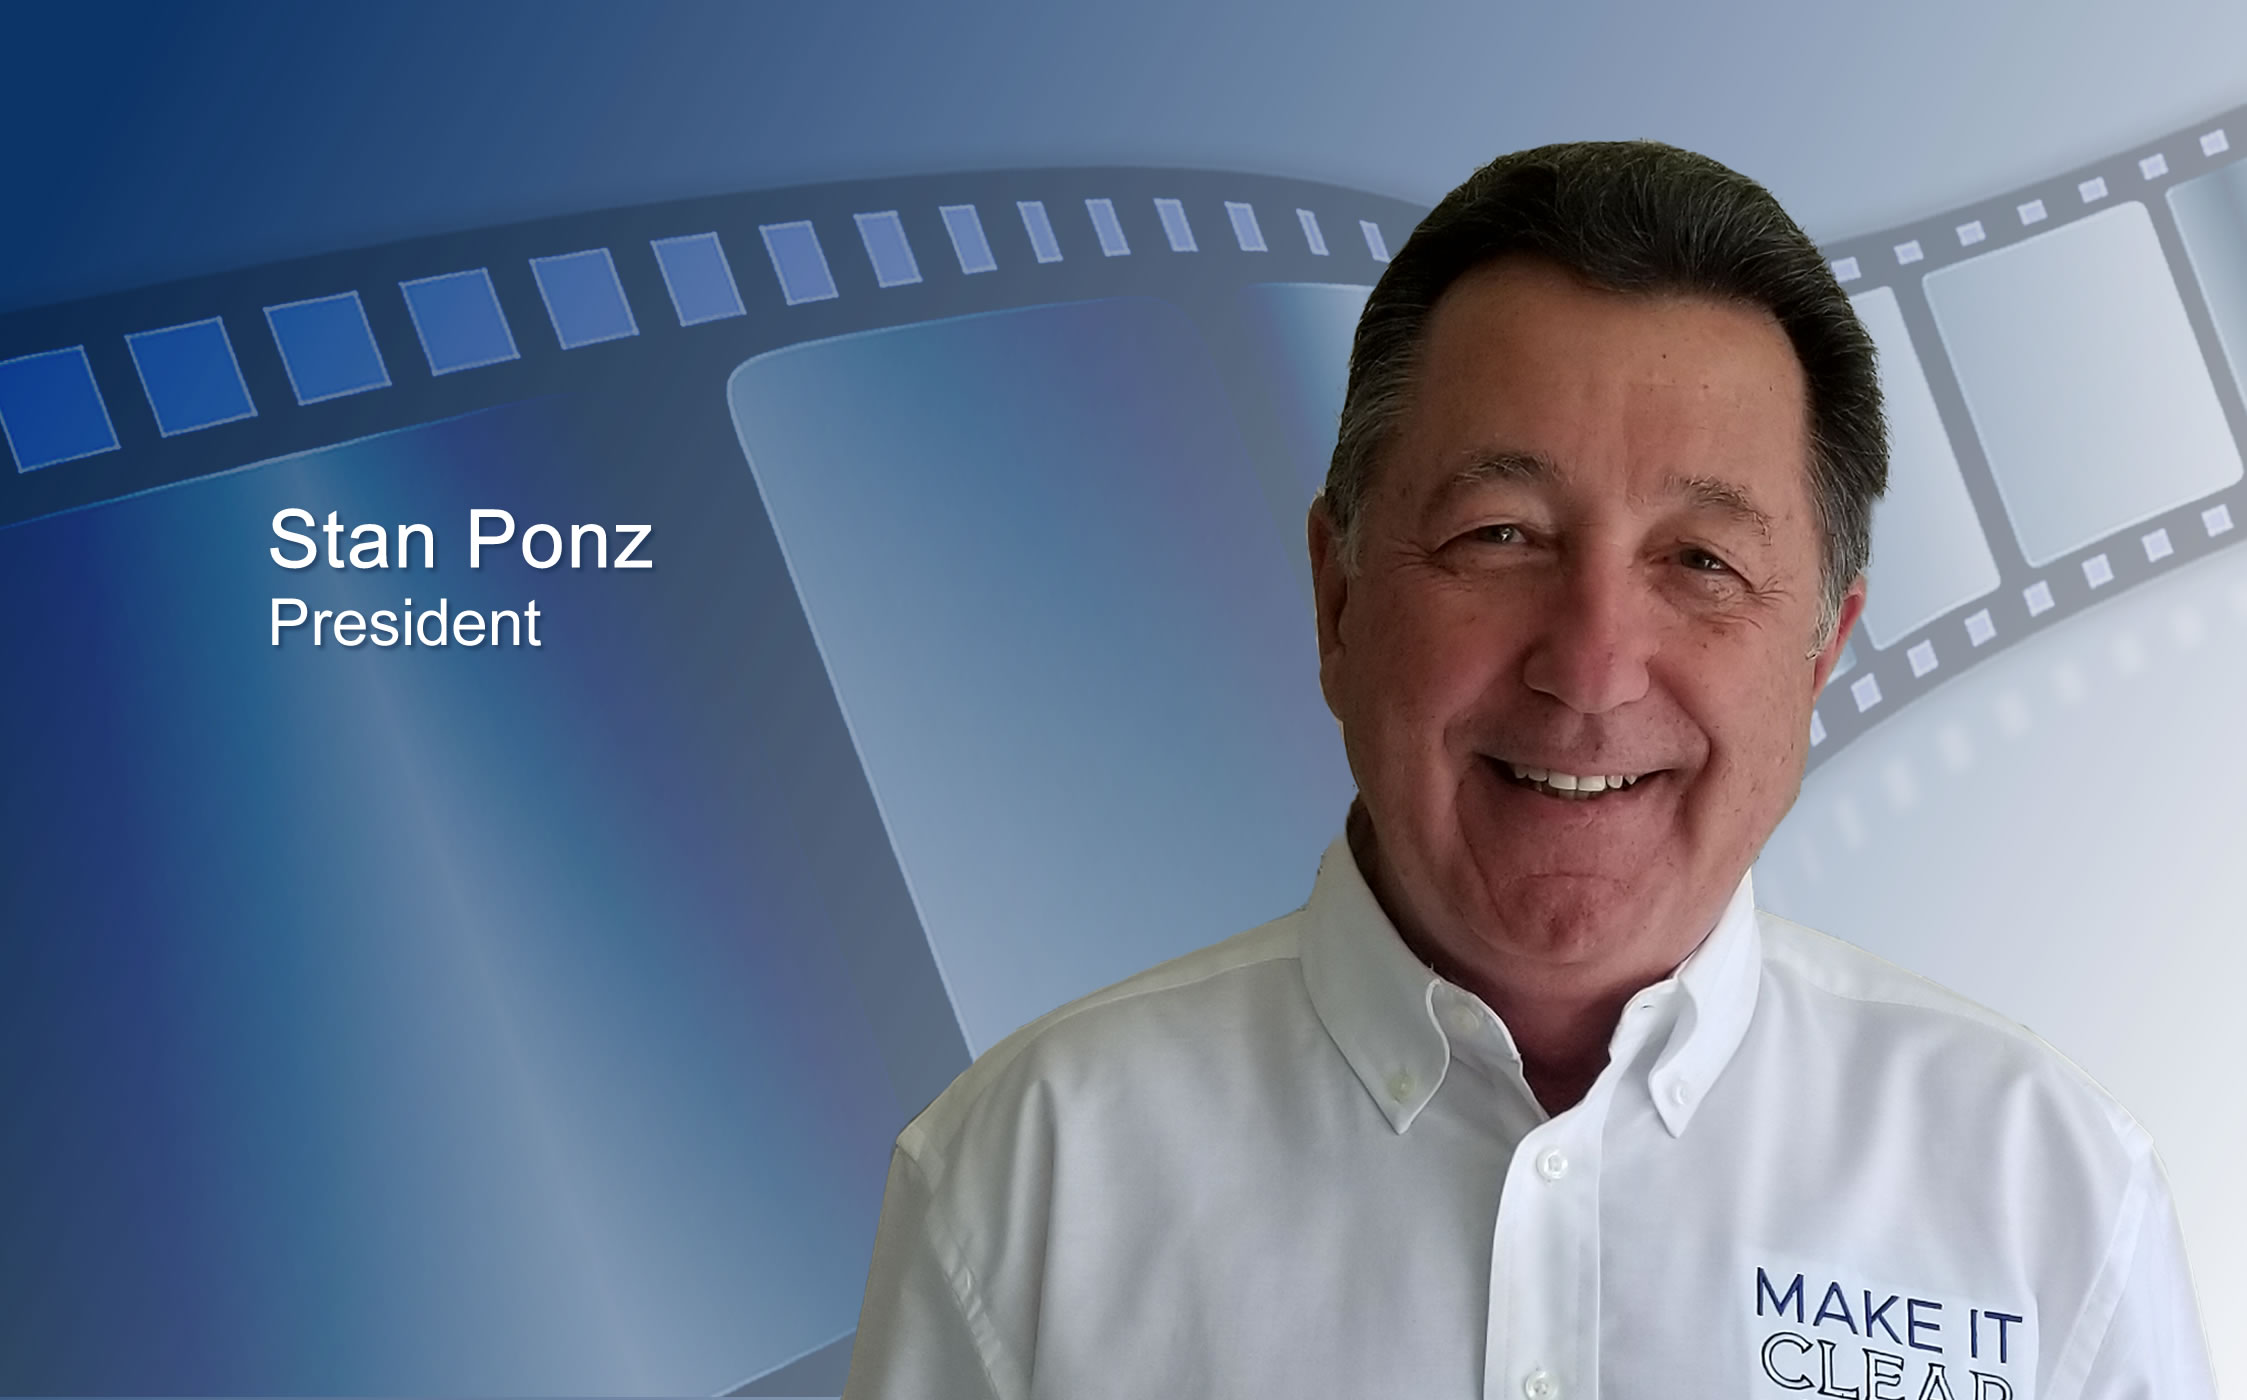 Stan Ponz